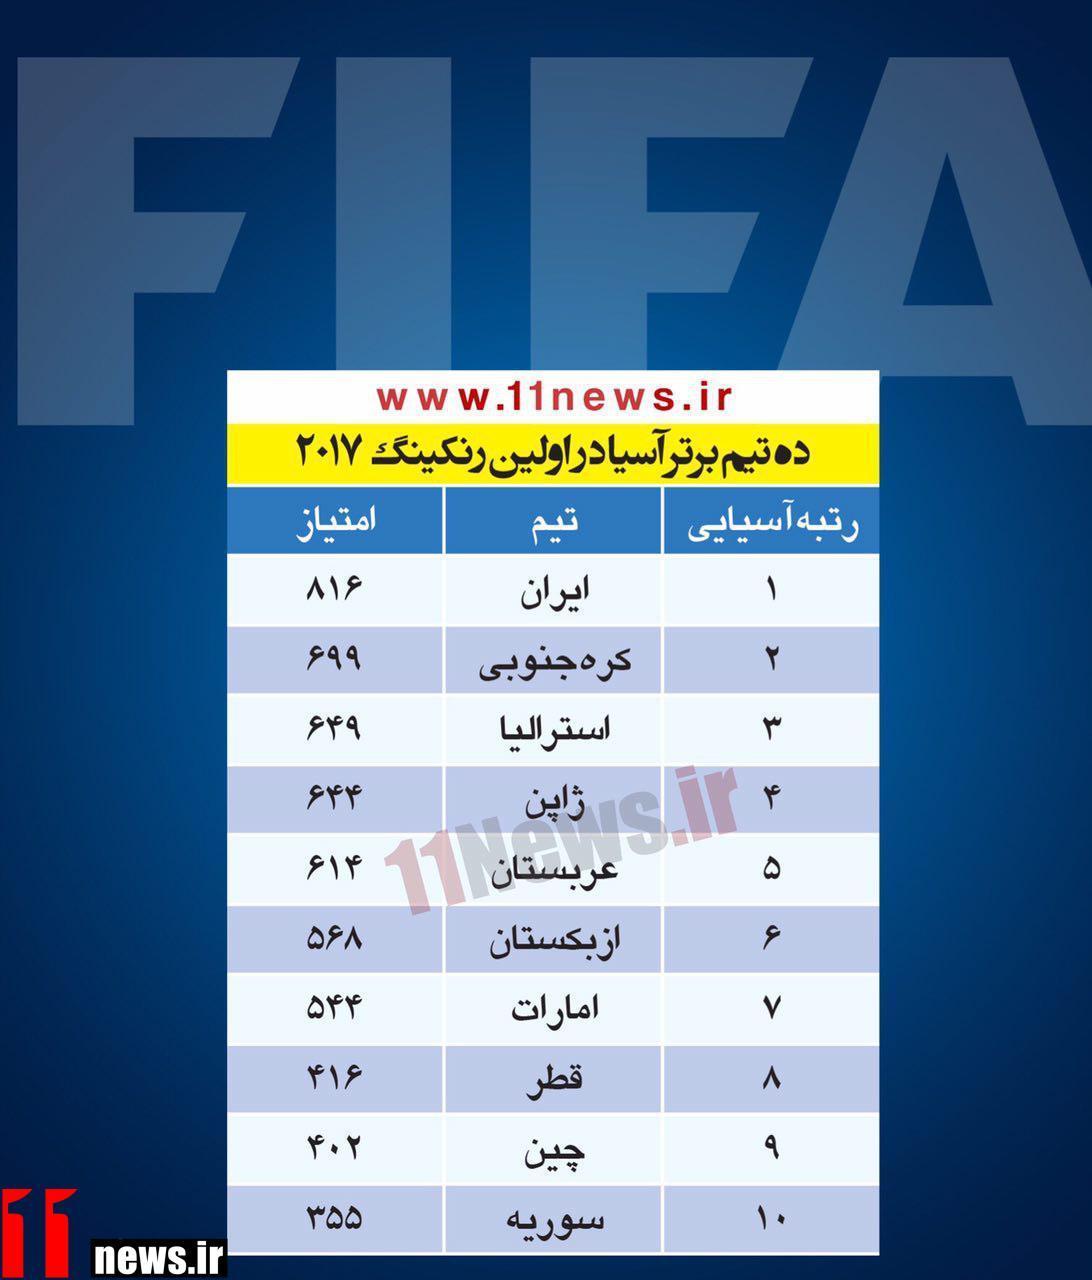 ایران تیم اول آسیا در اولین رنکینگ 2017